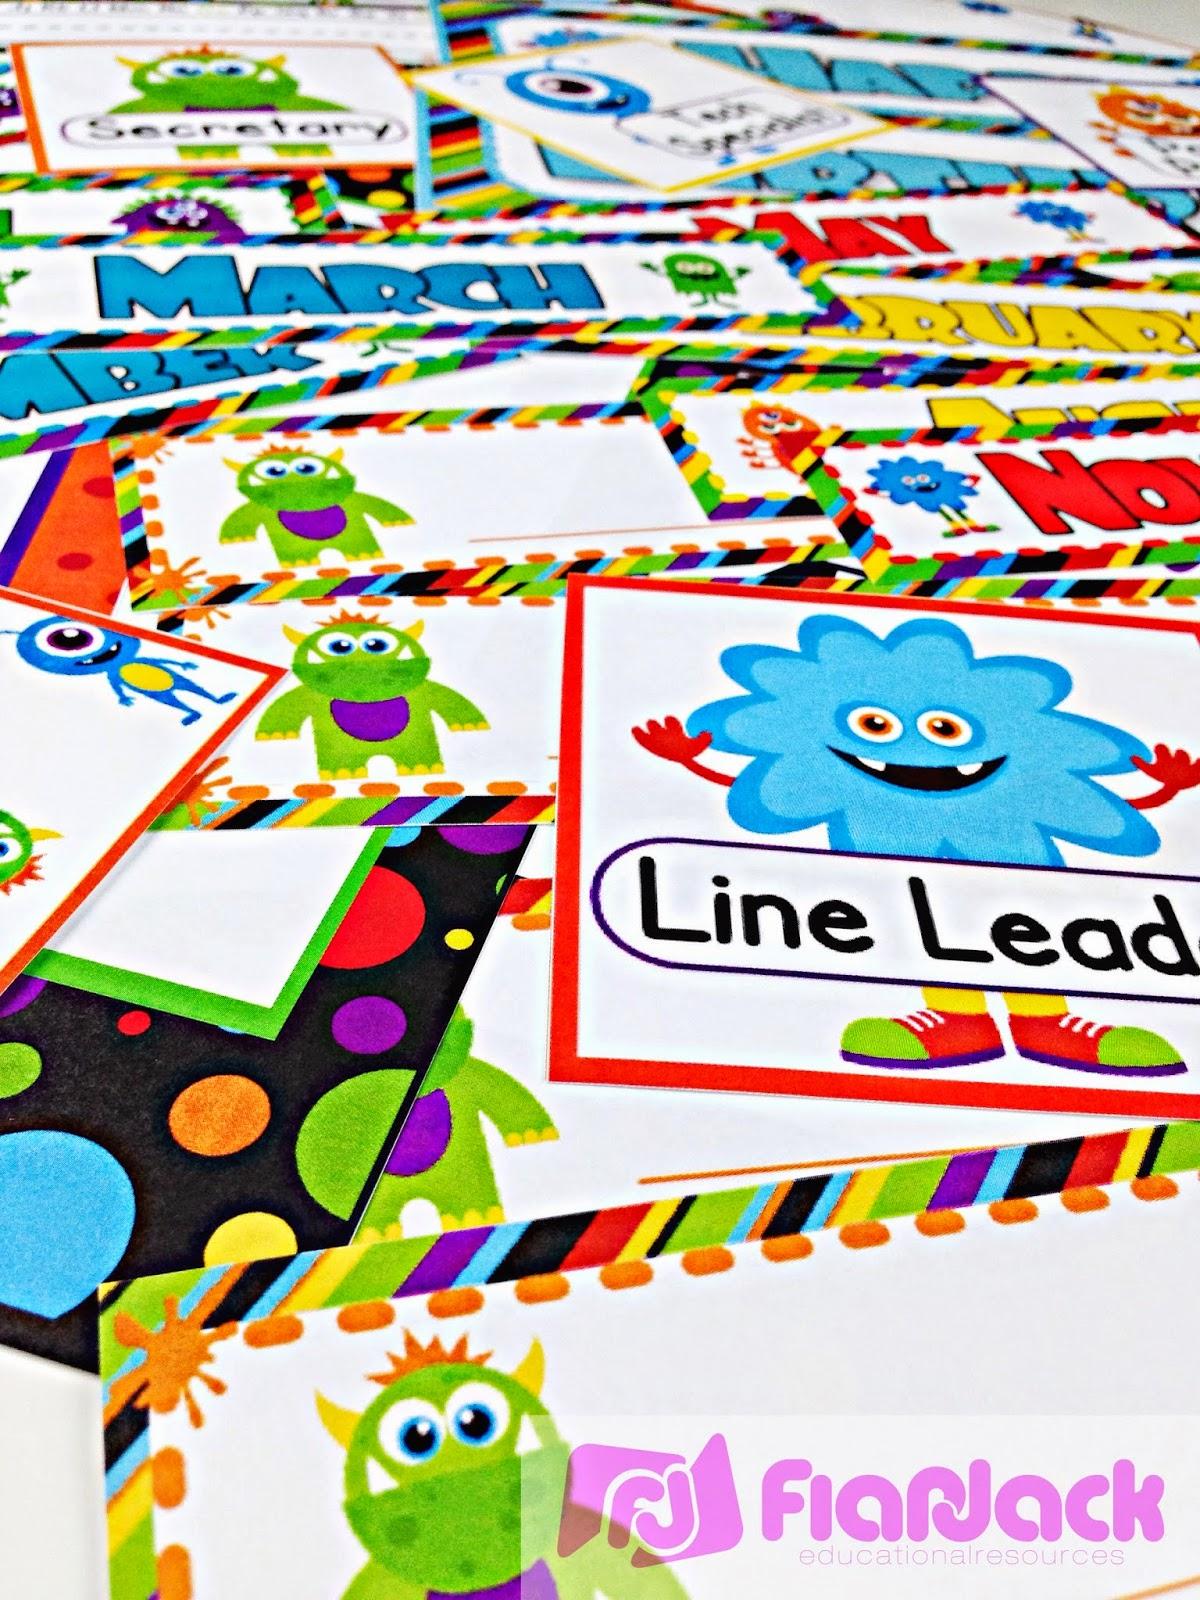 http://www.teacherspayteachers.com/Product/Monster-Themed-Classroom-Materials-Pack-265242